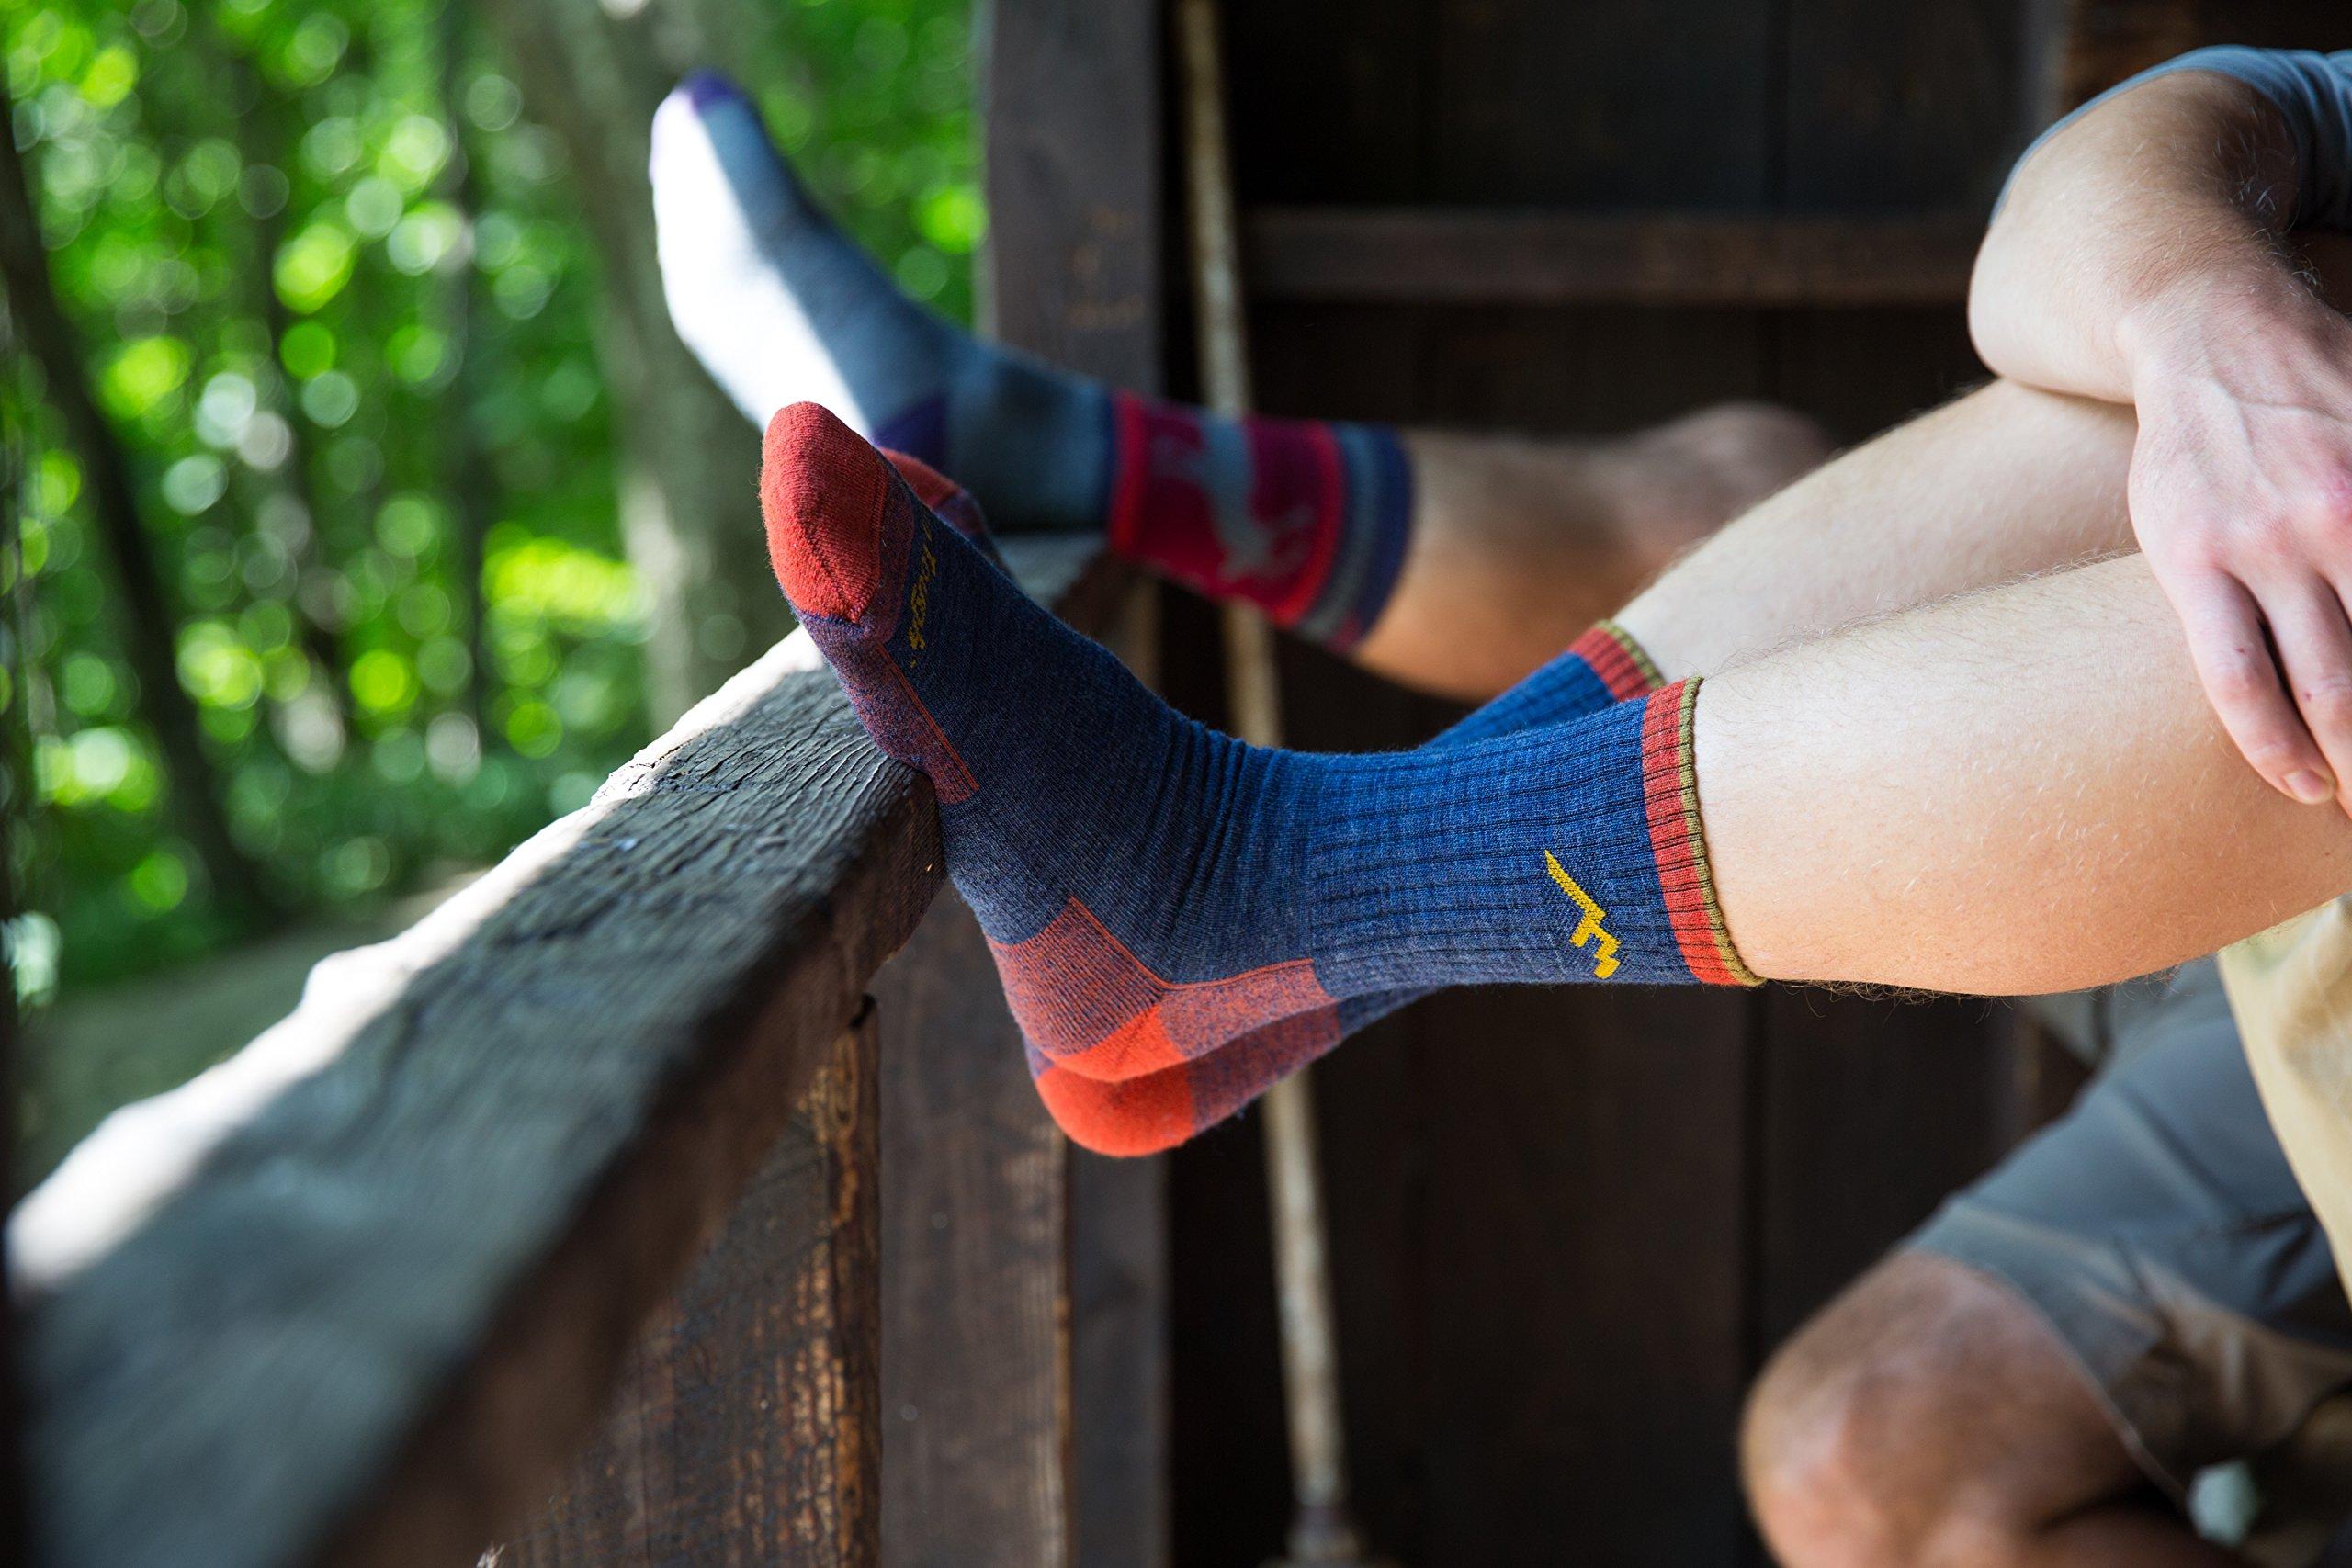 0bad9267a14 Darn Tough Men s Merino Wool Micro Crew Cushion Sock (Style 1466 ...